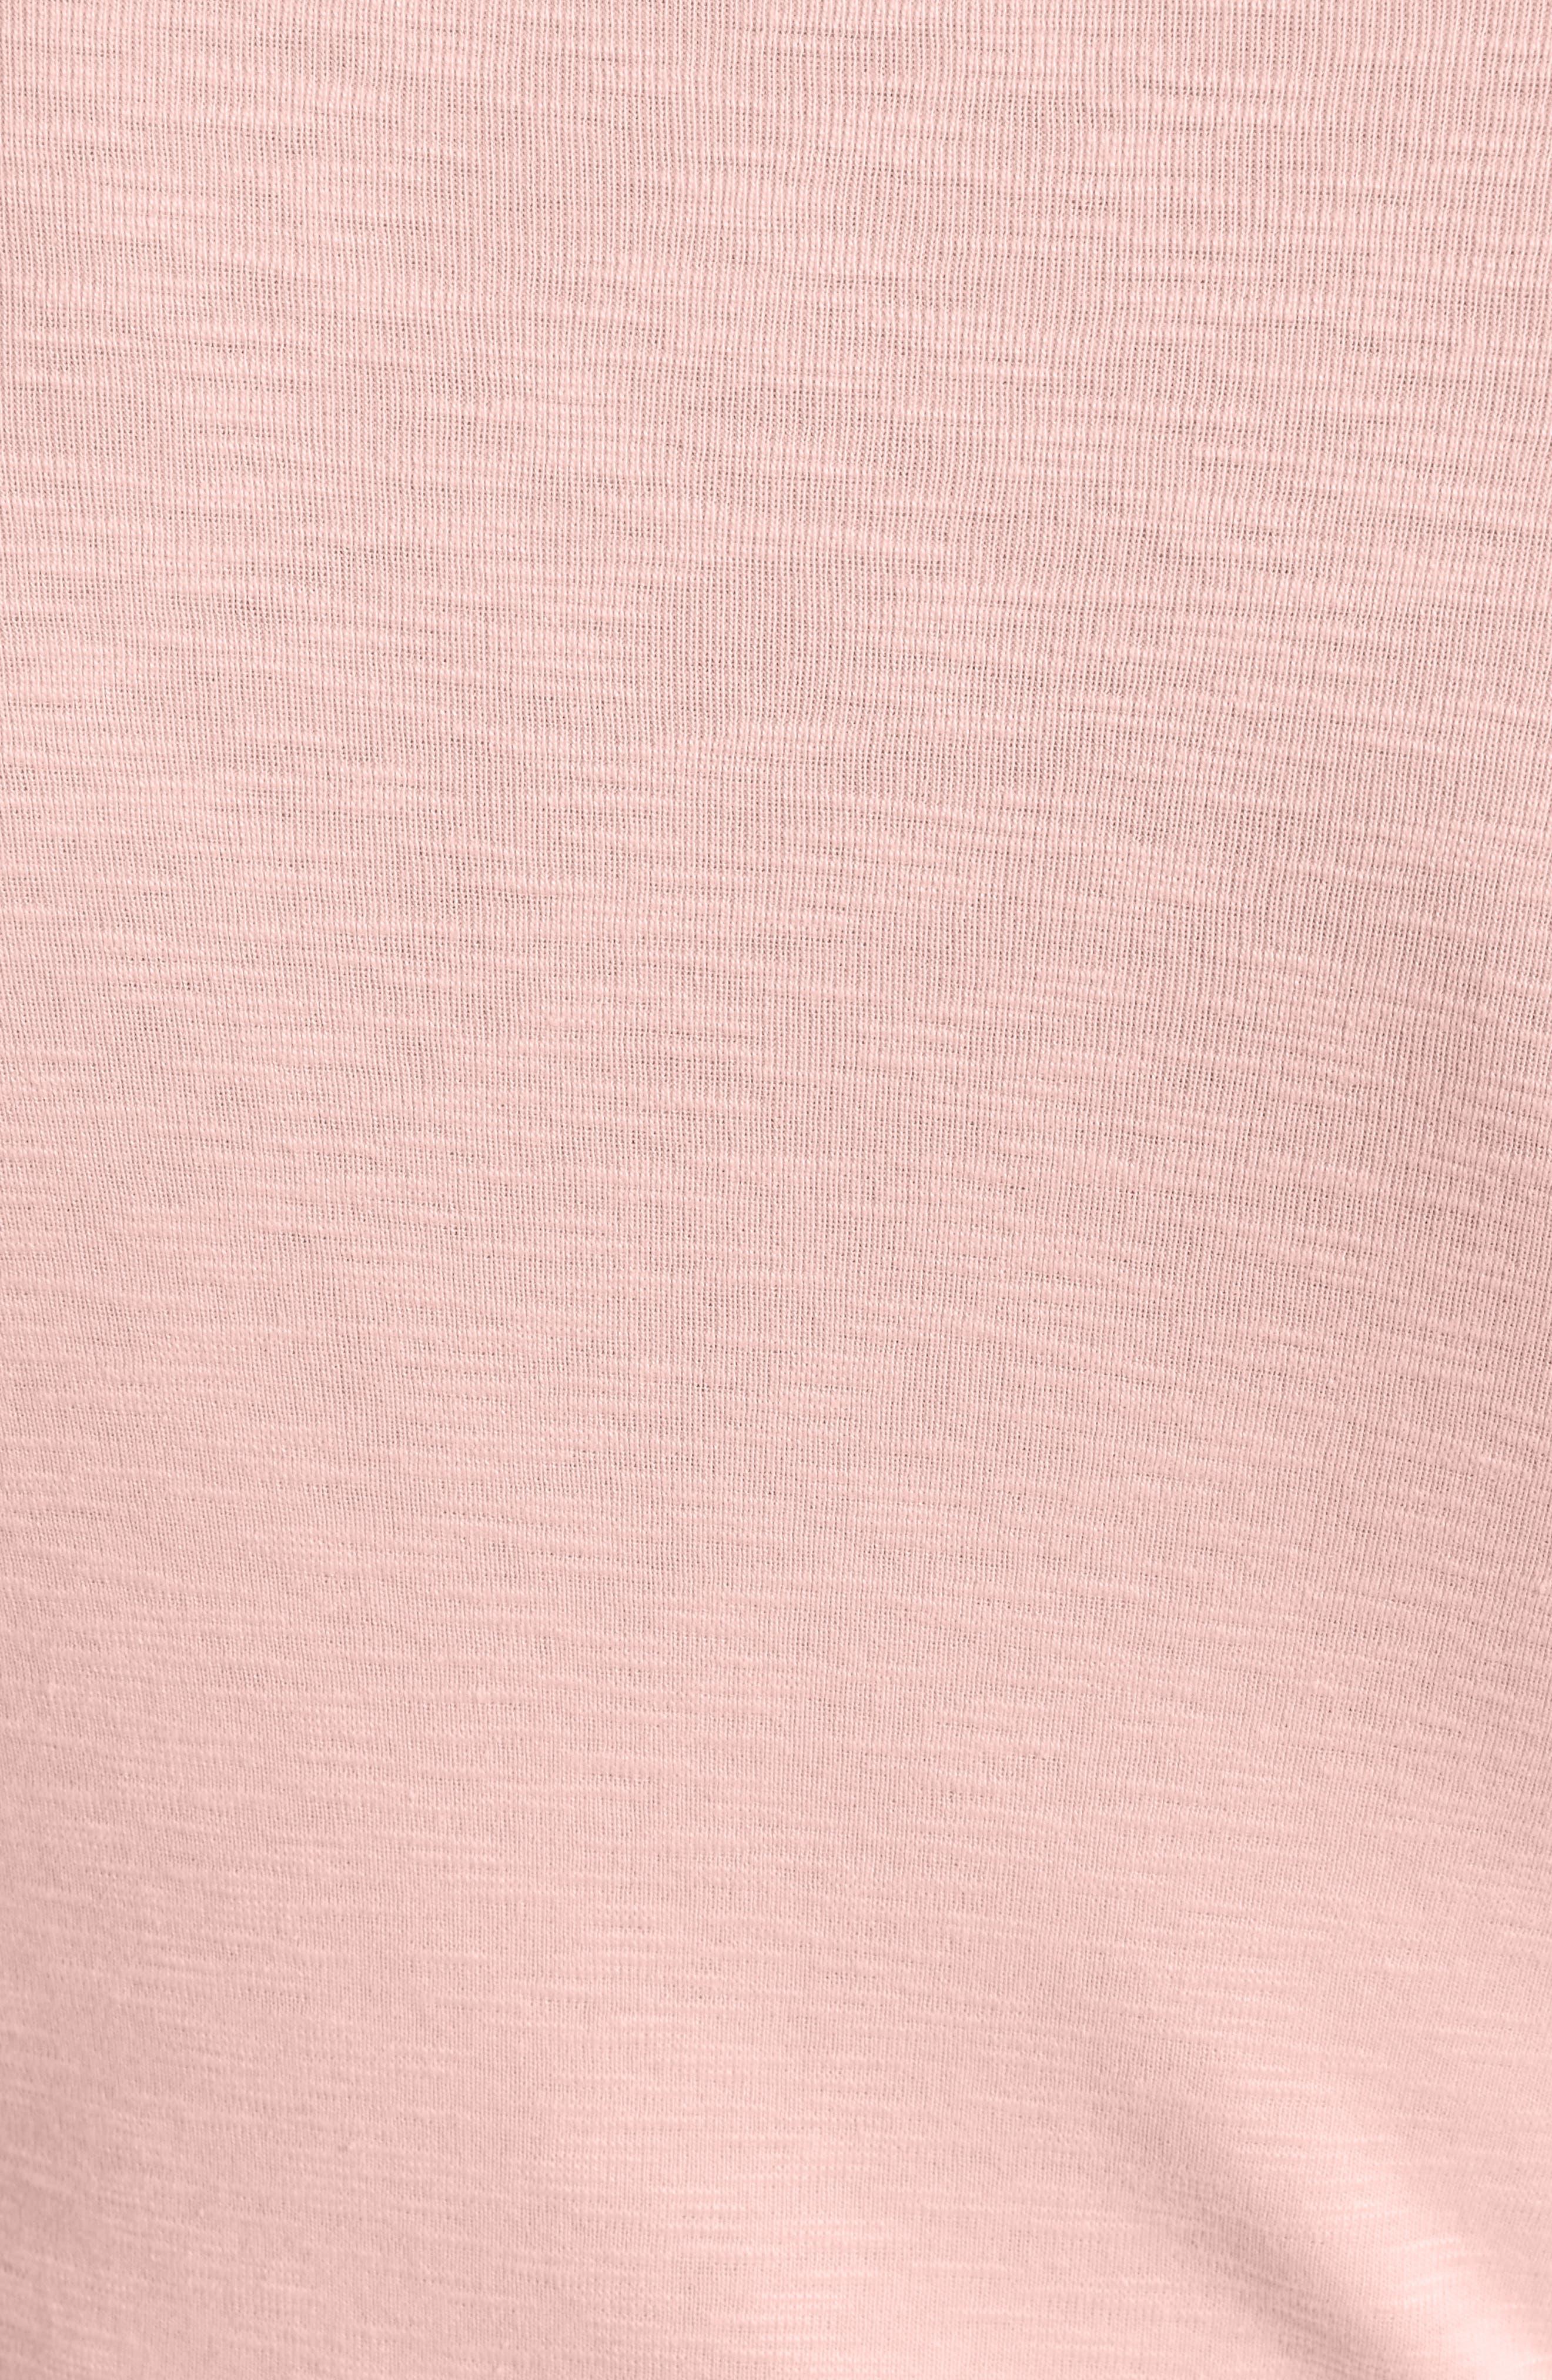 Three Quarter Sleeve Crewneck Tee,                             Alternate thumbnail 9, color,                             Tulip